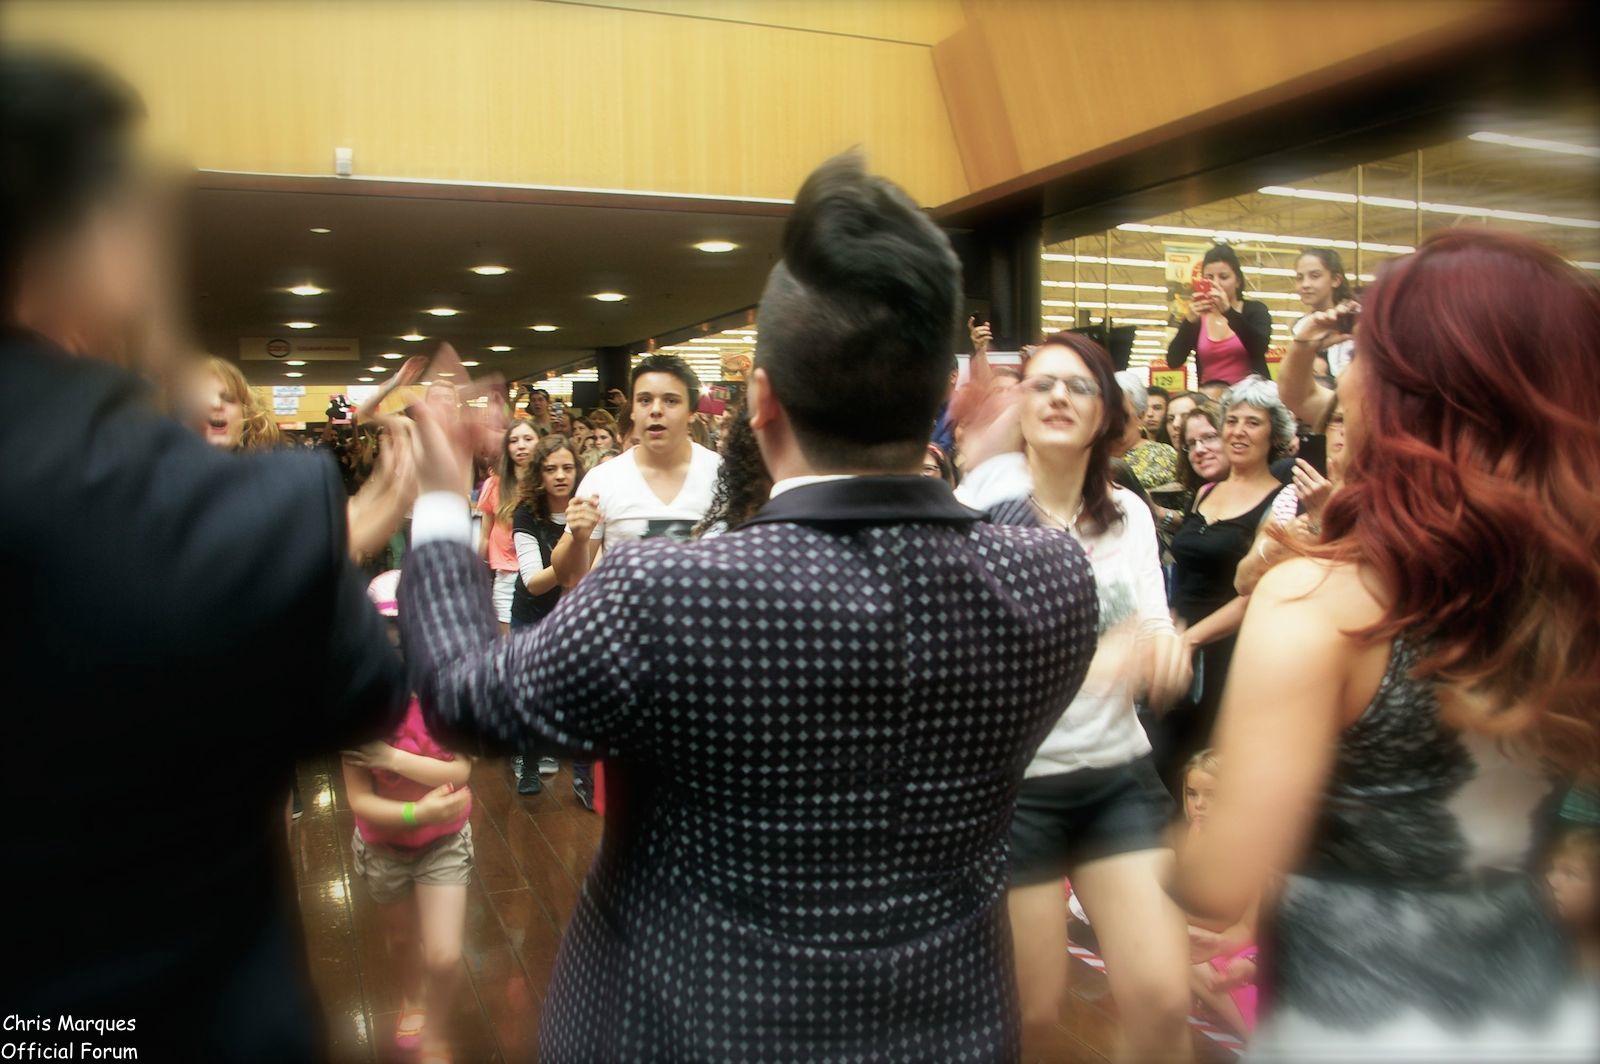 [14.06.2014] Evénement à #Colmar Chris Marques et Jaclyn Spencer pour un Flashmob/Cours de Danse/Dédicaces exceptionnels le tout organisé par la MJC de Colmar 1112